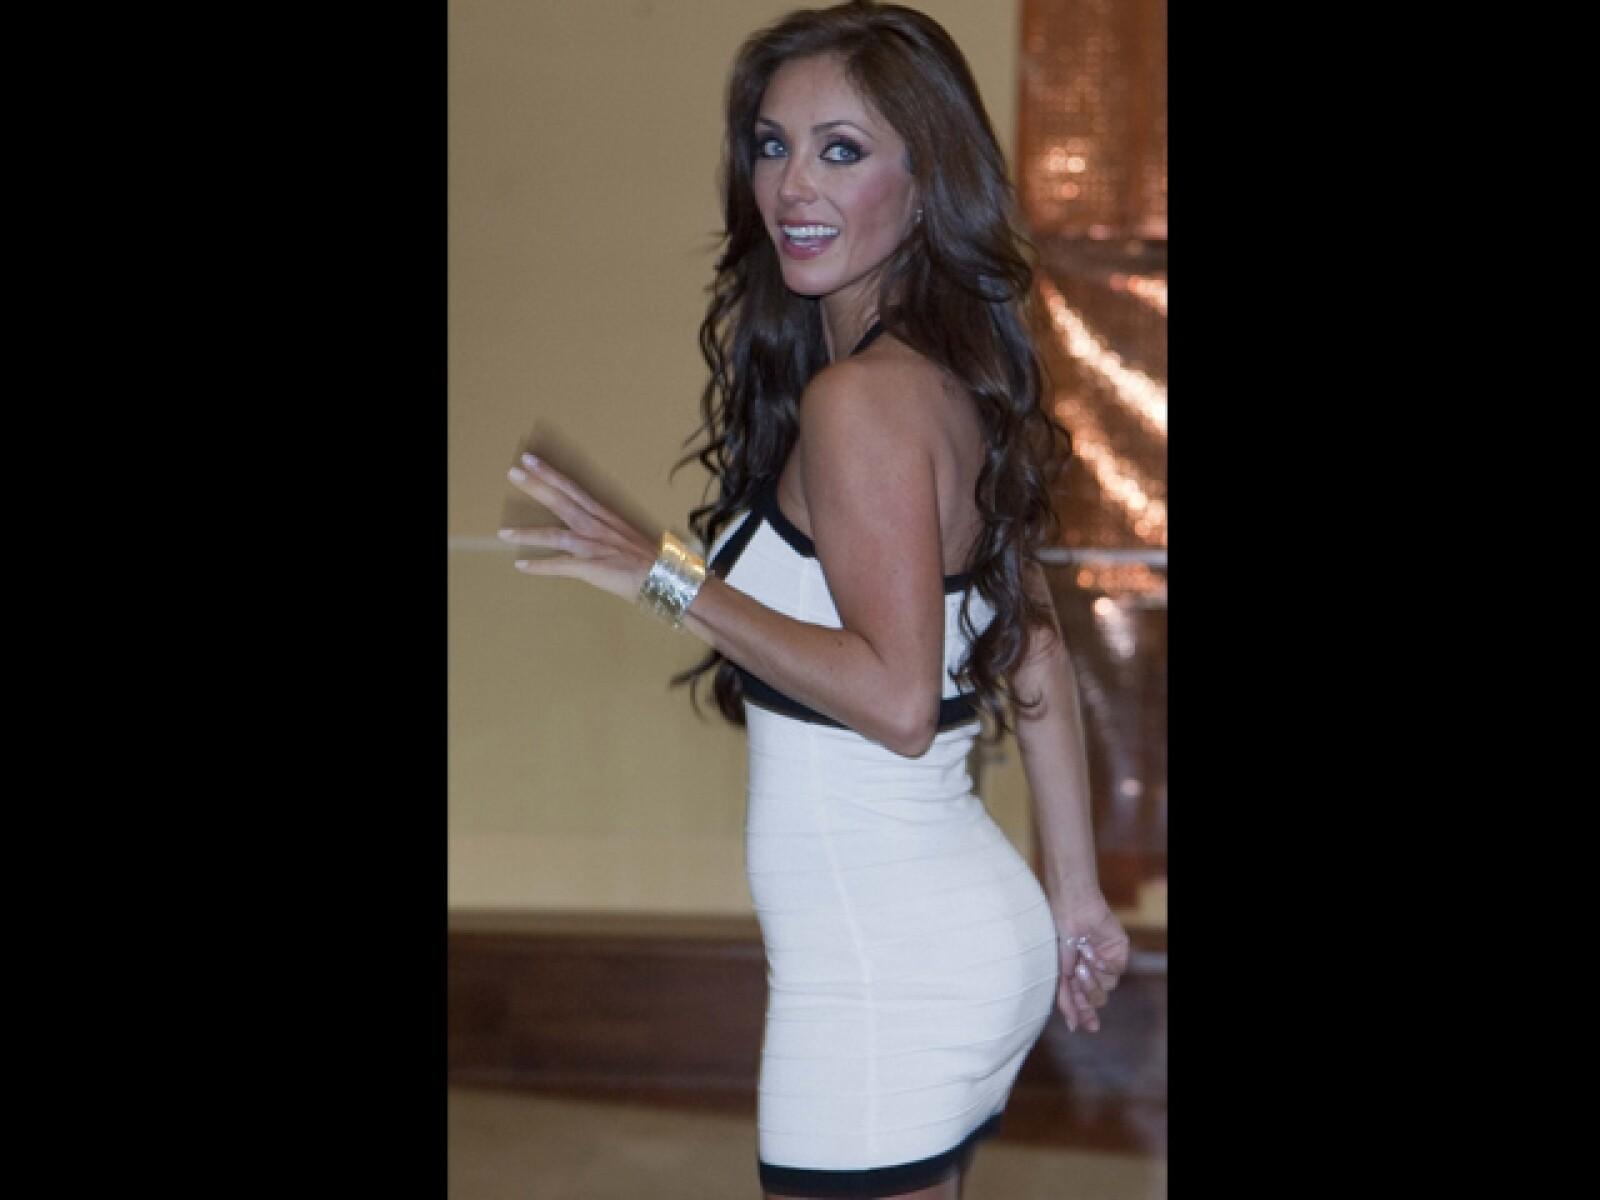 Anahí protagoniza actualmente una telenovela con Carlos Ponce. Sus medidas son 88-59-90.